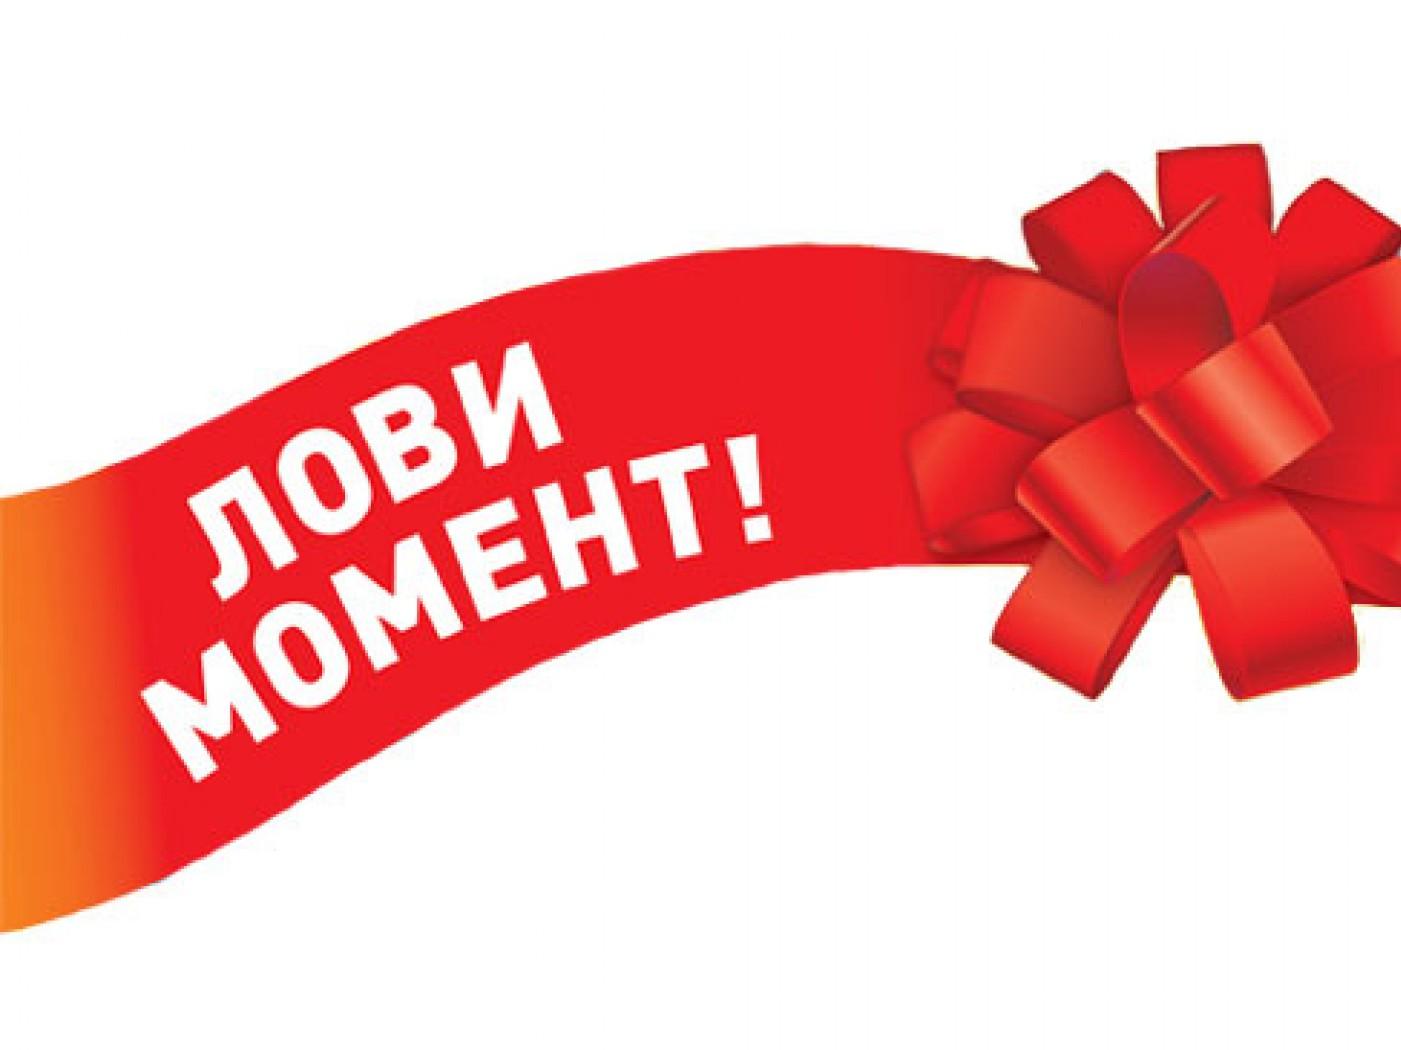 Мастерская прислала акцию на модульные картины. Все по 1800 руб!!! Приглашаю за ЧУДЕСНЫМИ ПОДАРКАМИ!